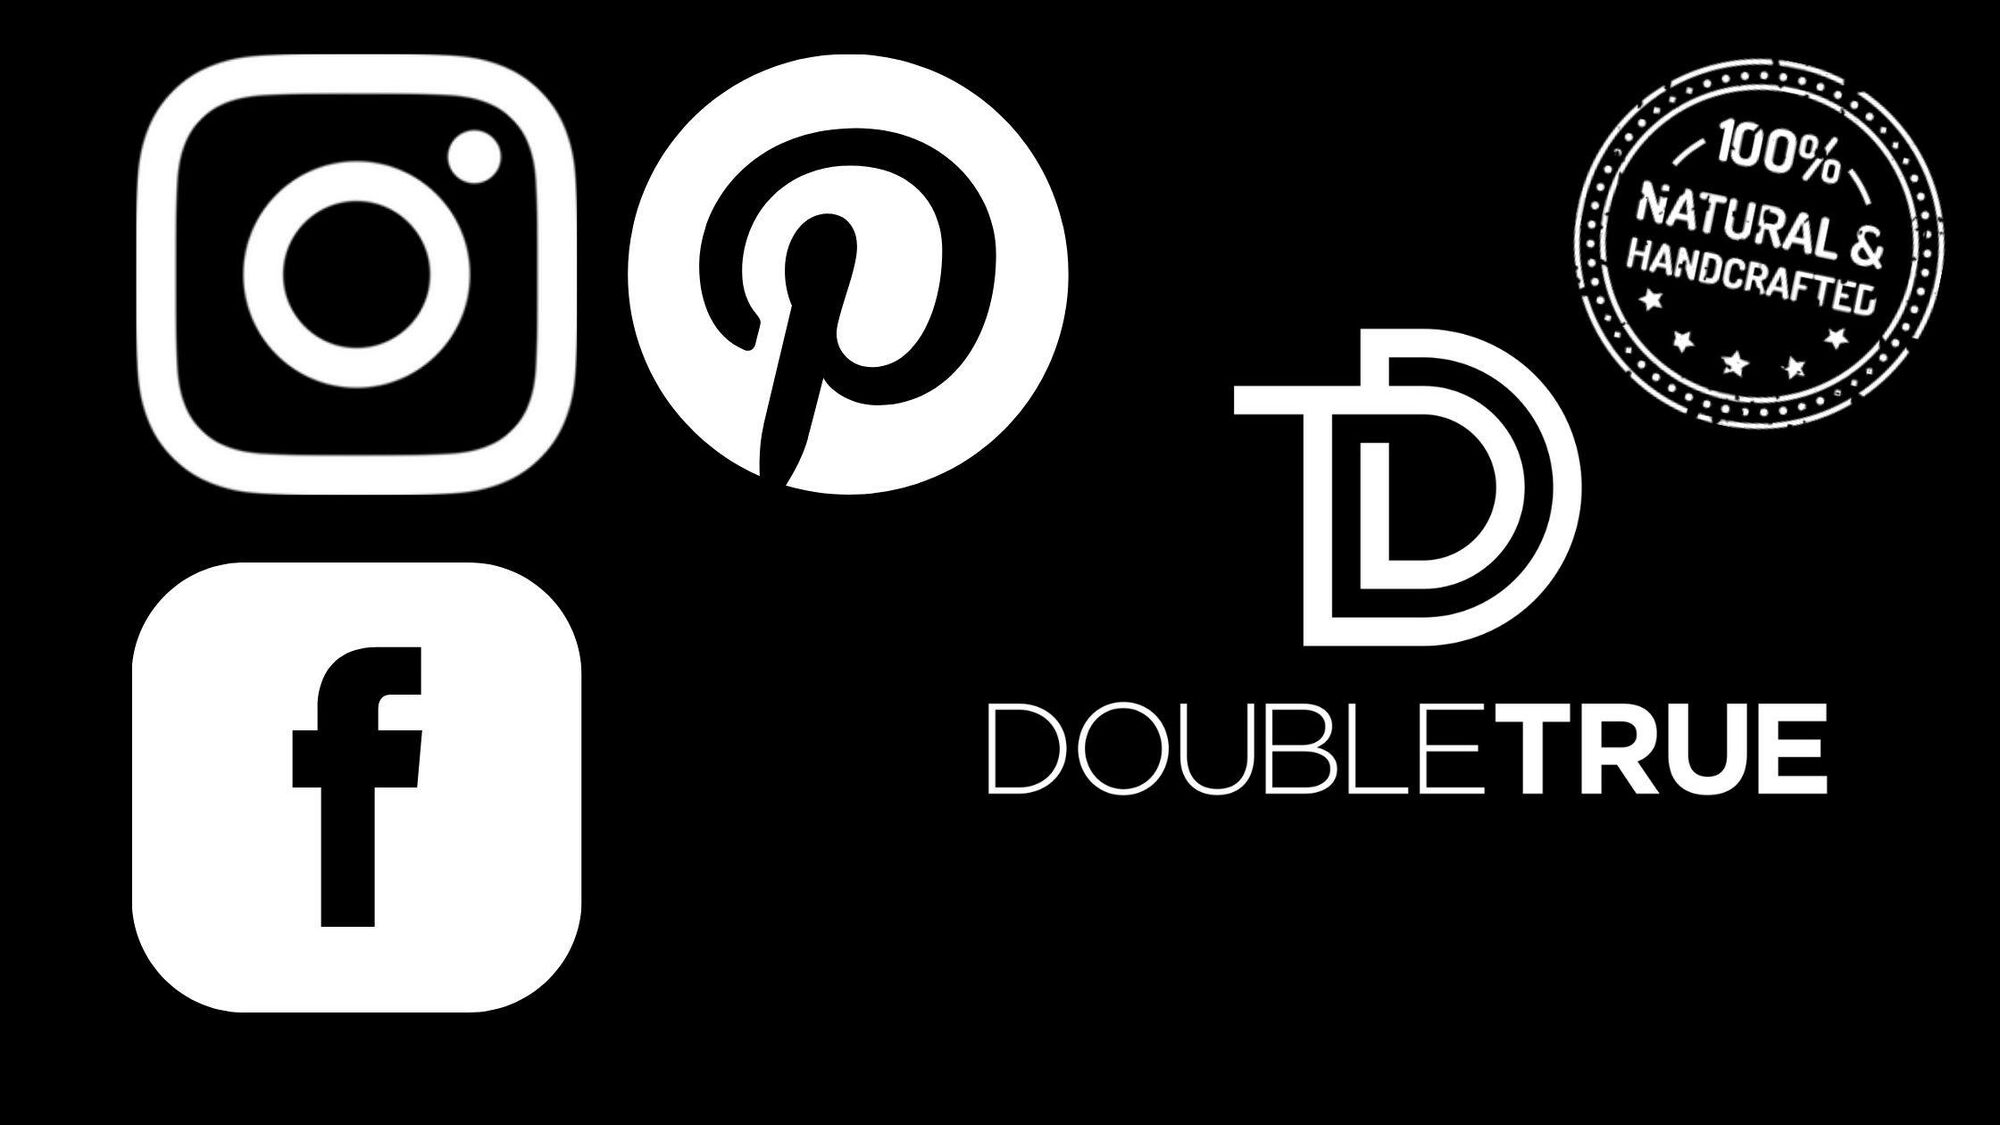 Socials Double True